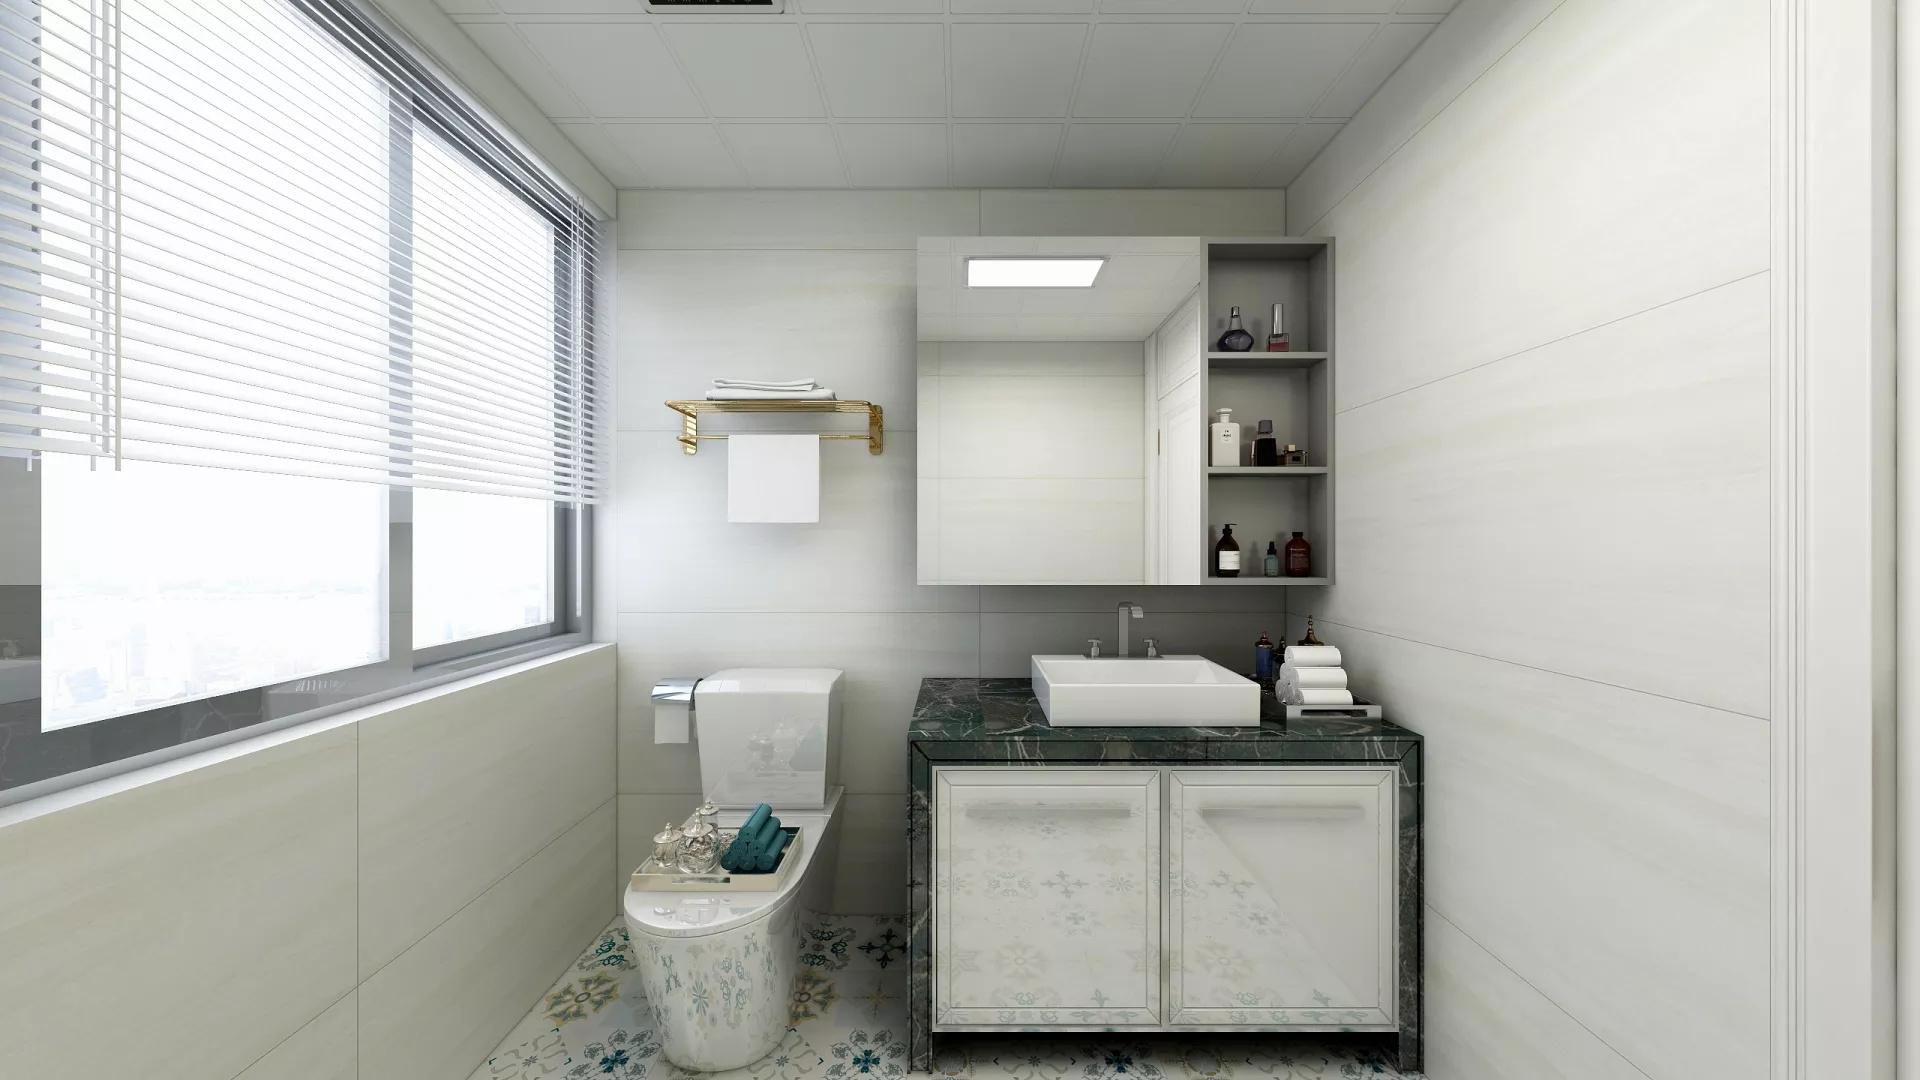 简洁白色风厨房吧台设计